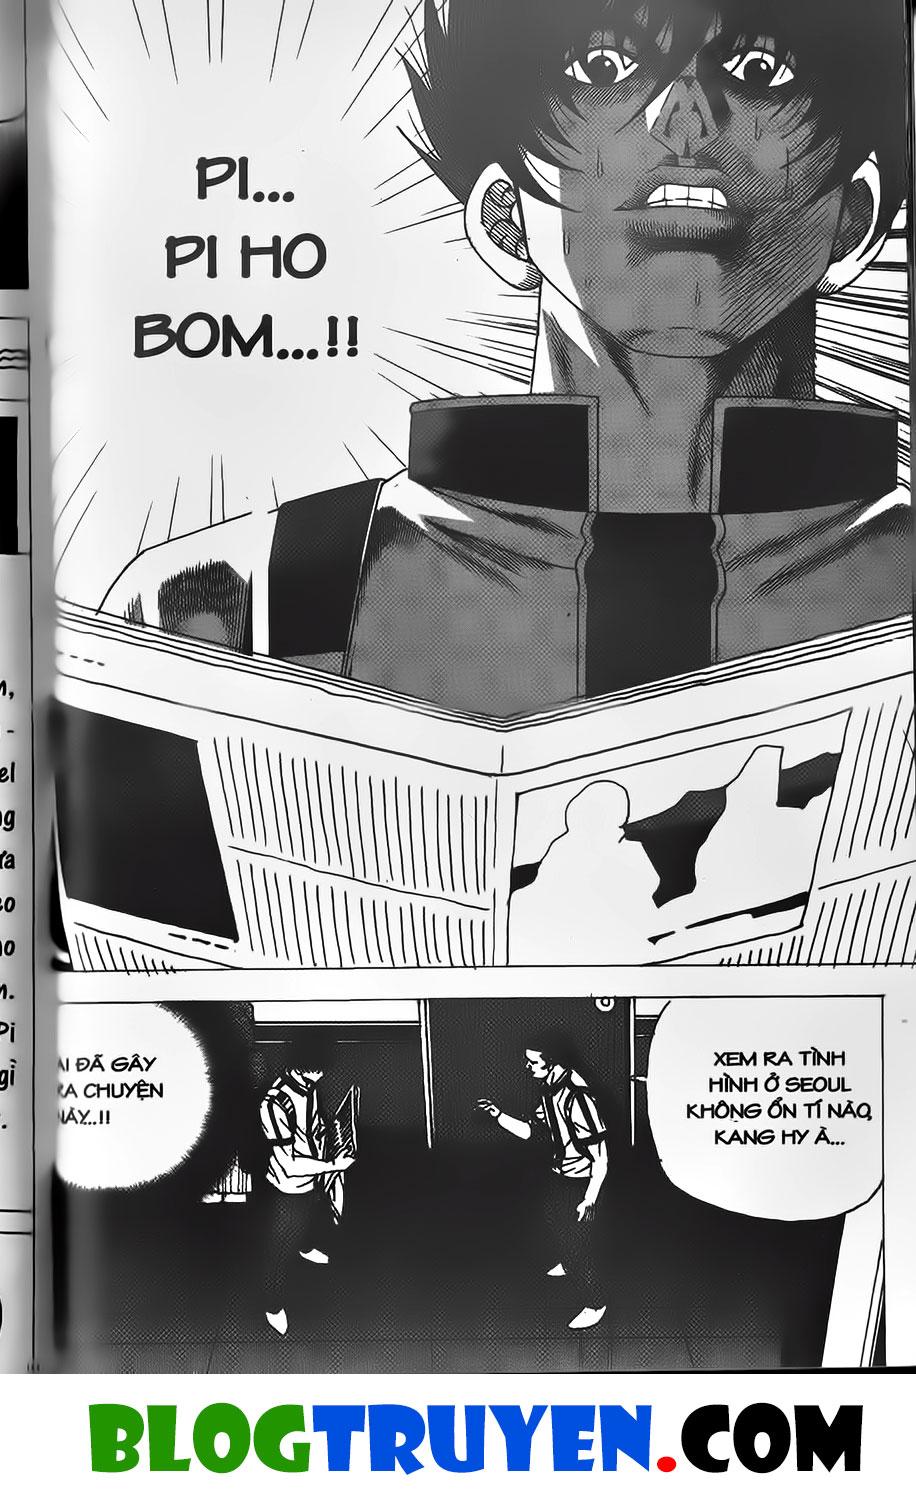 Bitagi - Anh chàng ngổ ngáo chap 350 trang 20